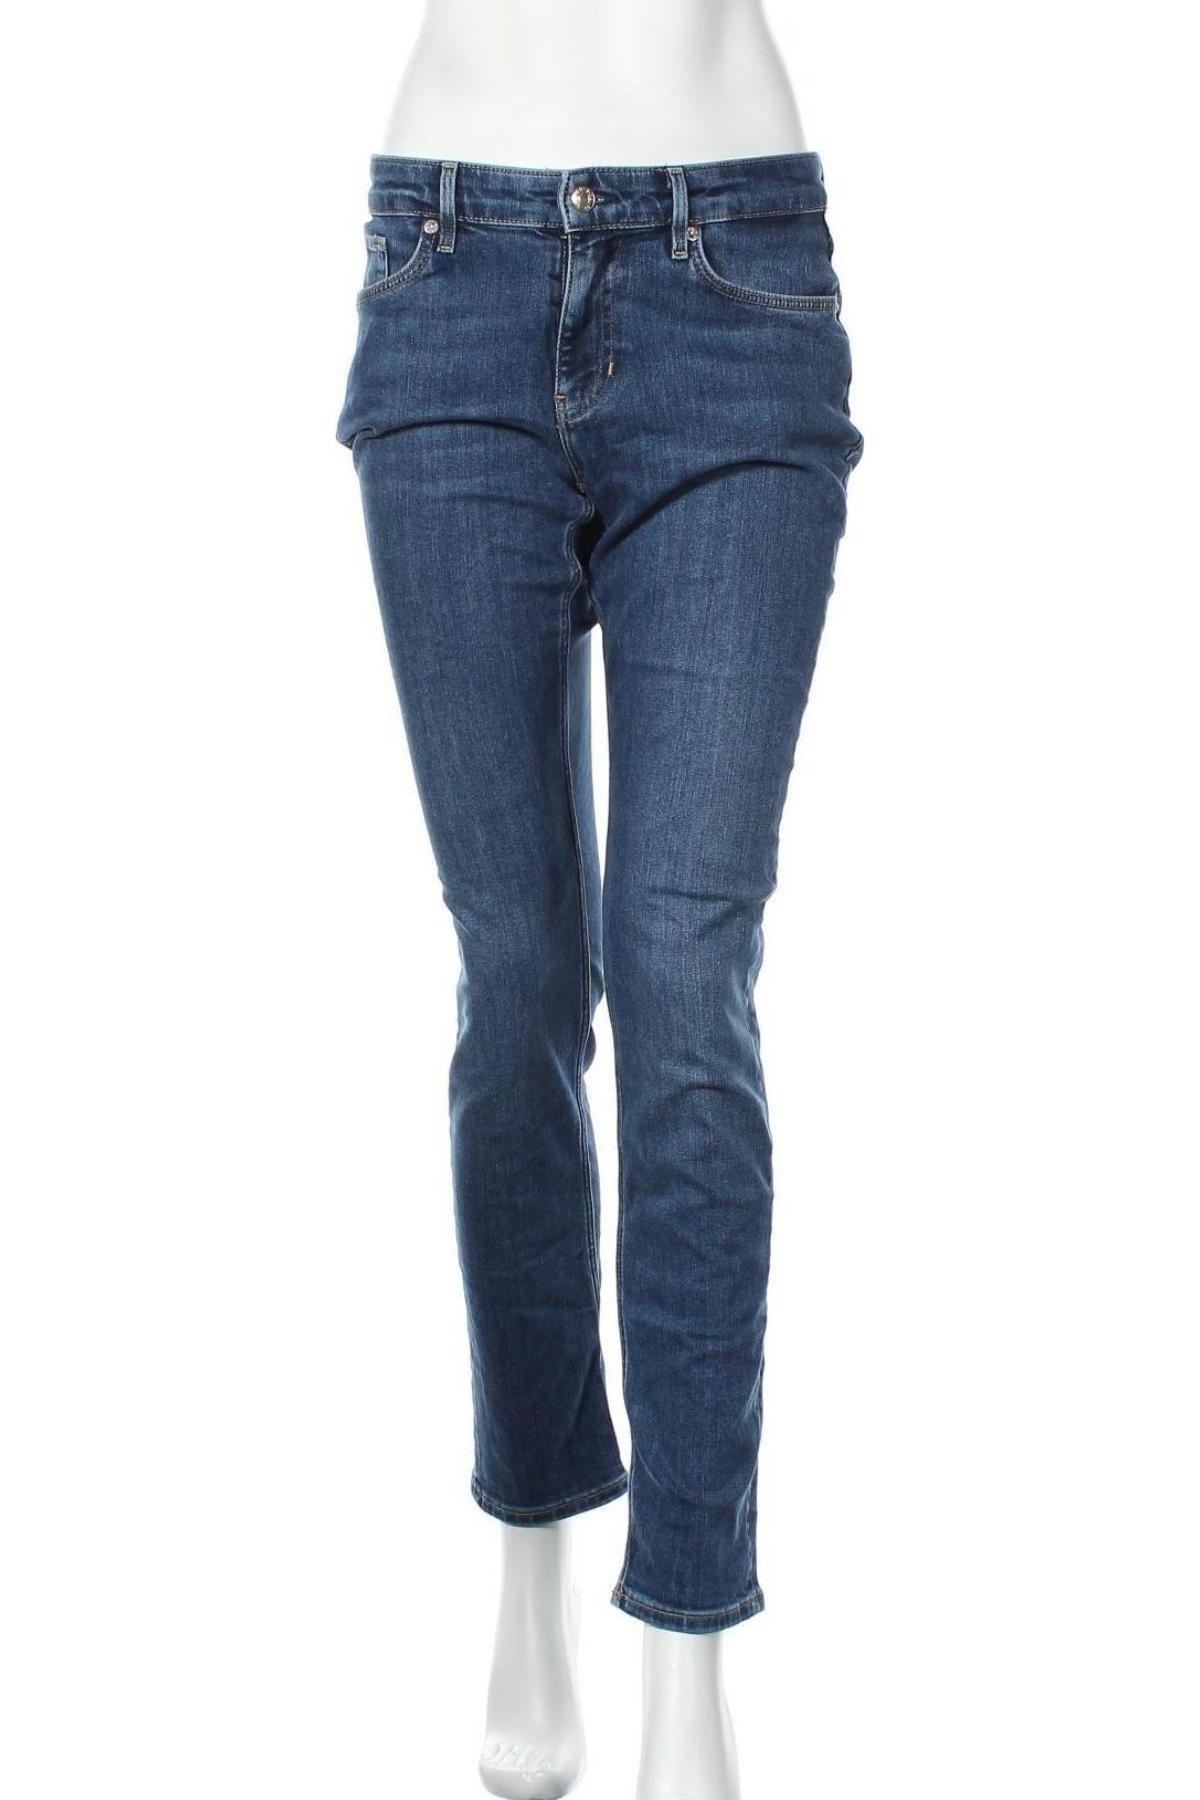 Дамски дънки S.Oliver, Размер S, Цвят Син, 82% памук, 17% полиестер, 1% еластан, Цена 21,00лв.